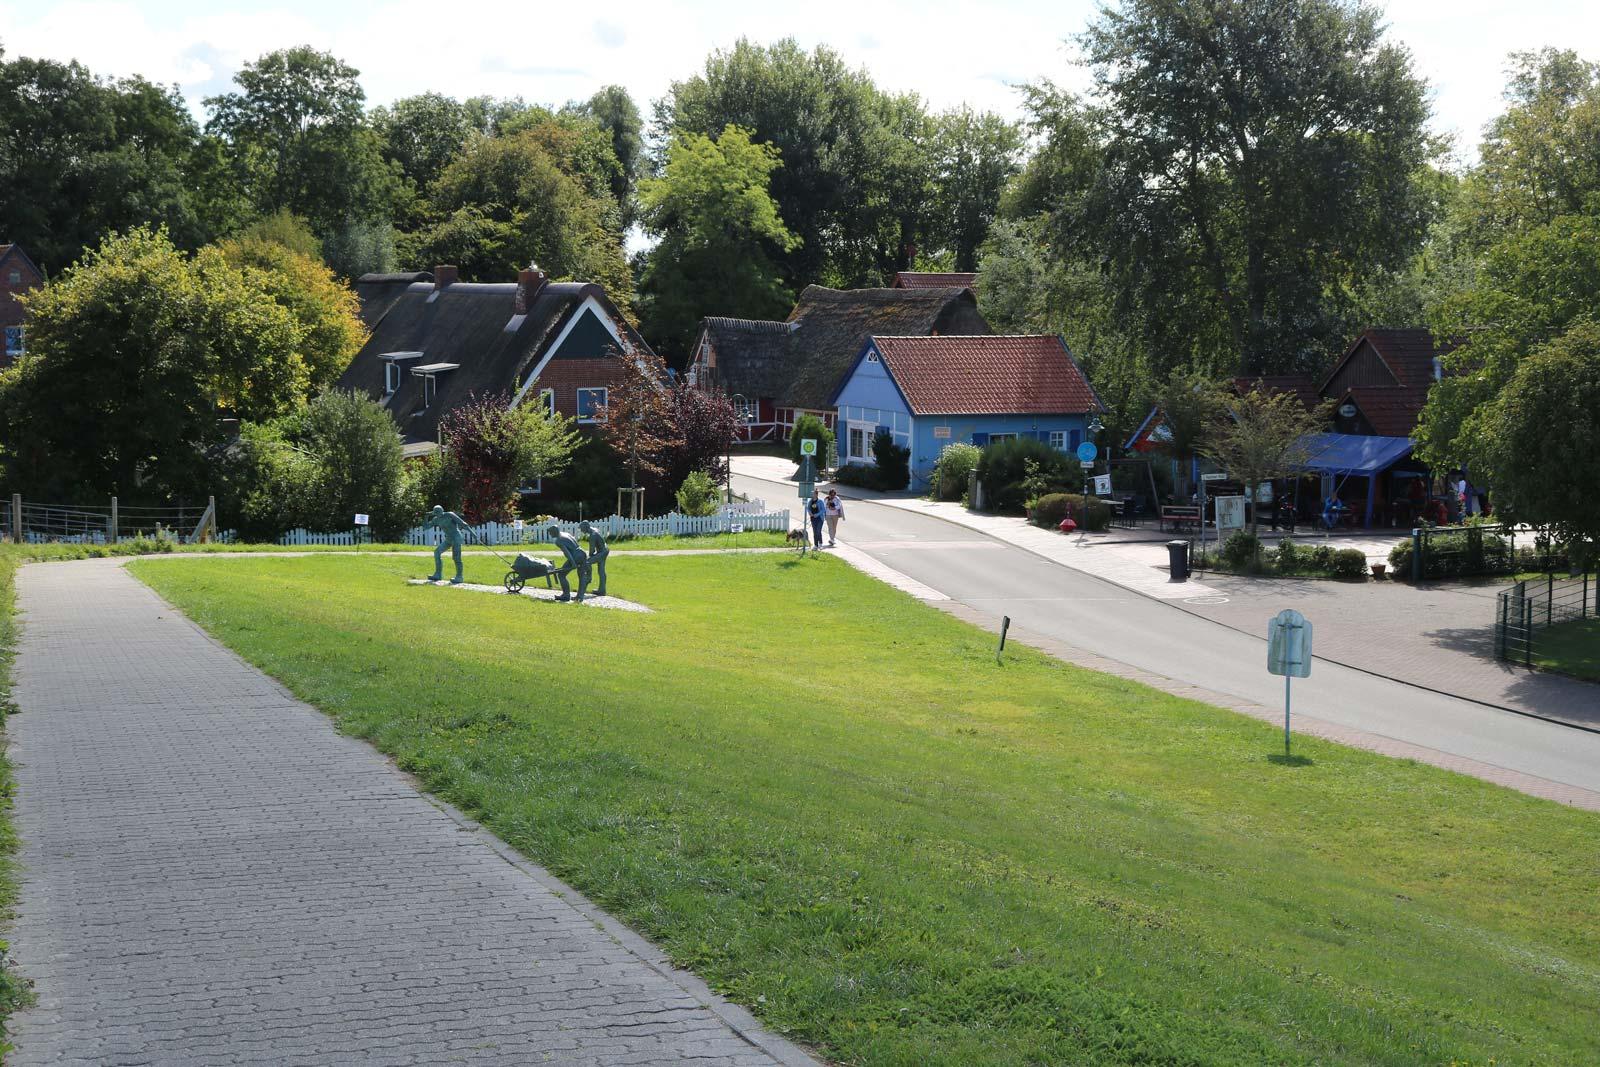 Schleusenumgebung von Otterndorf